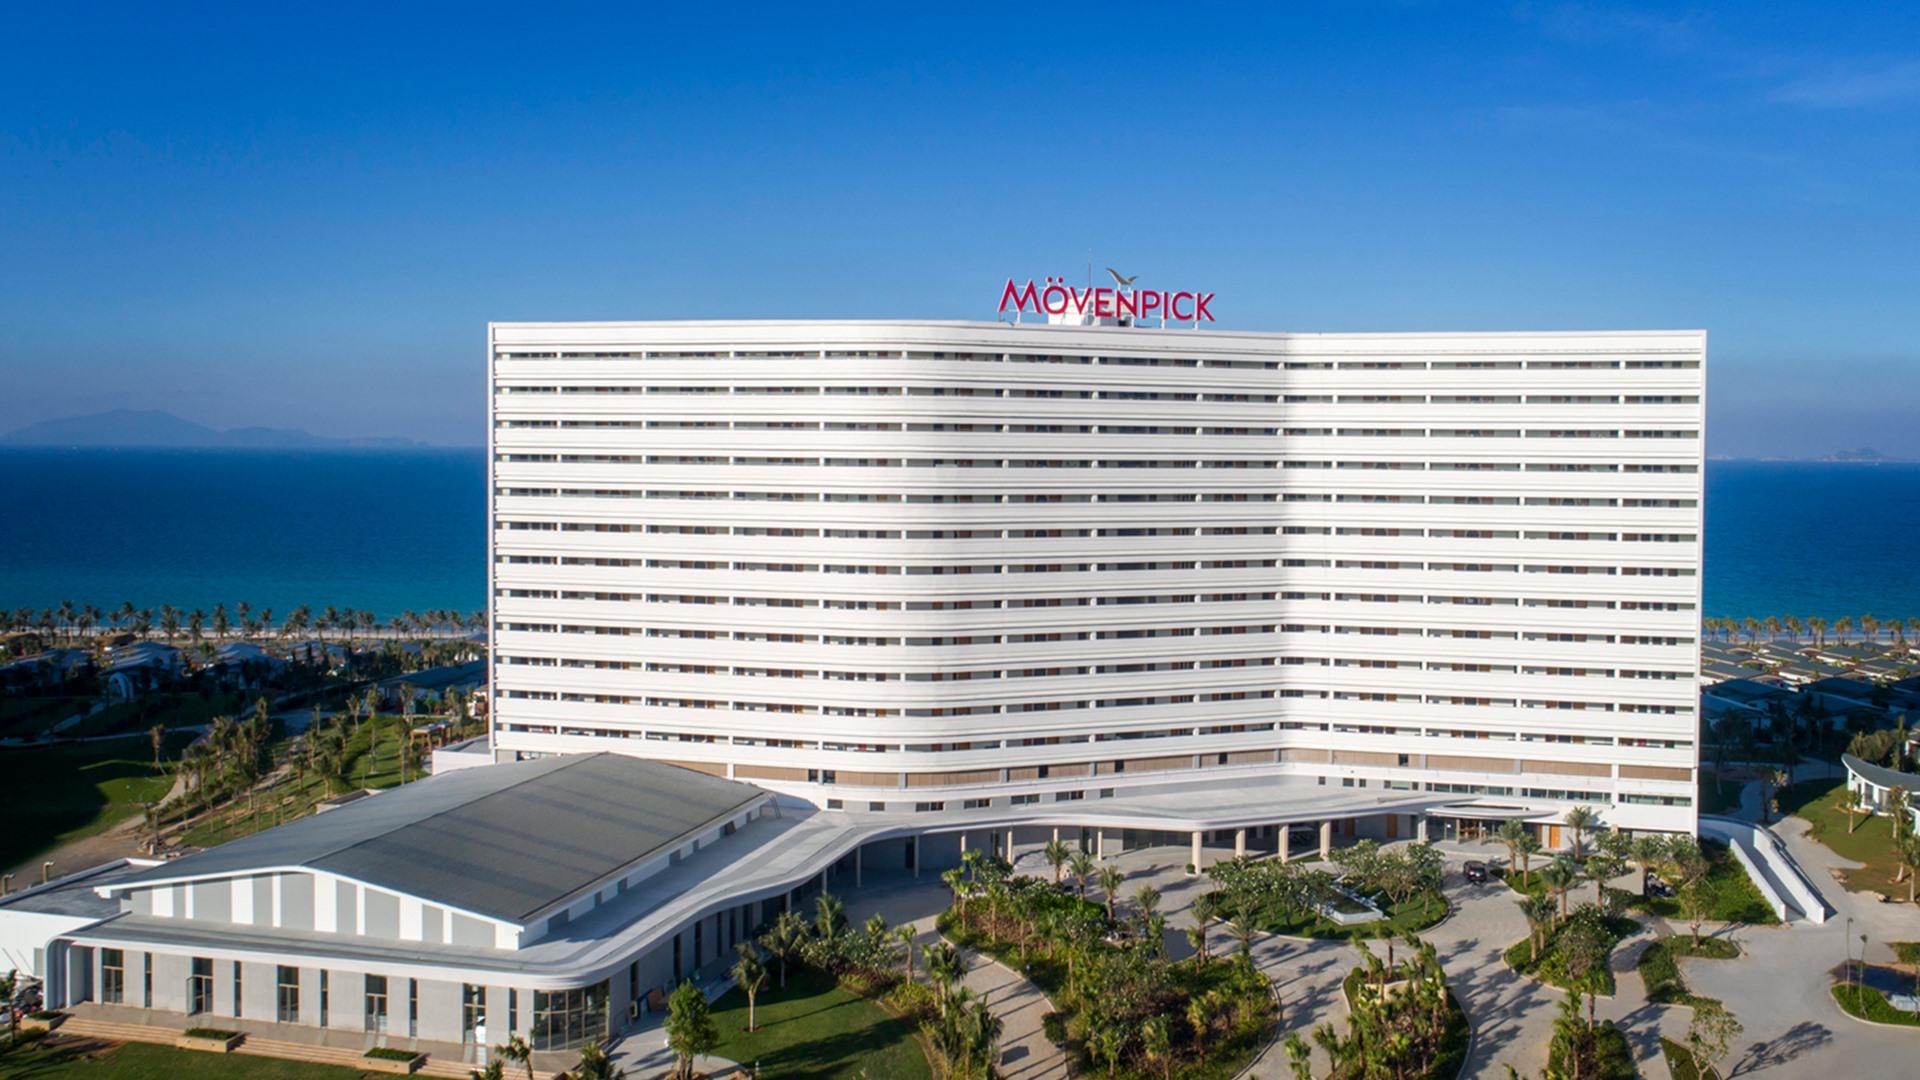 Khách sạn Movenpick.